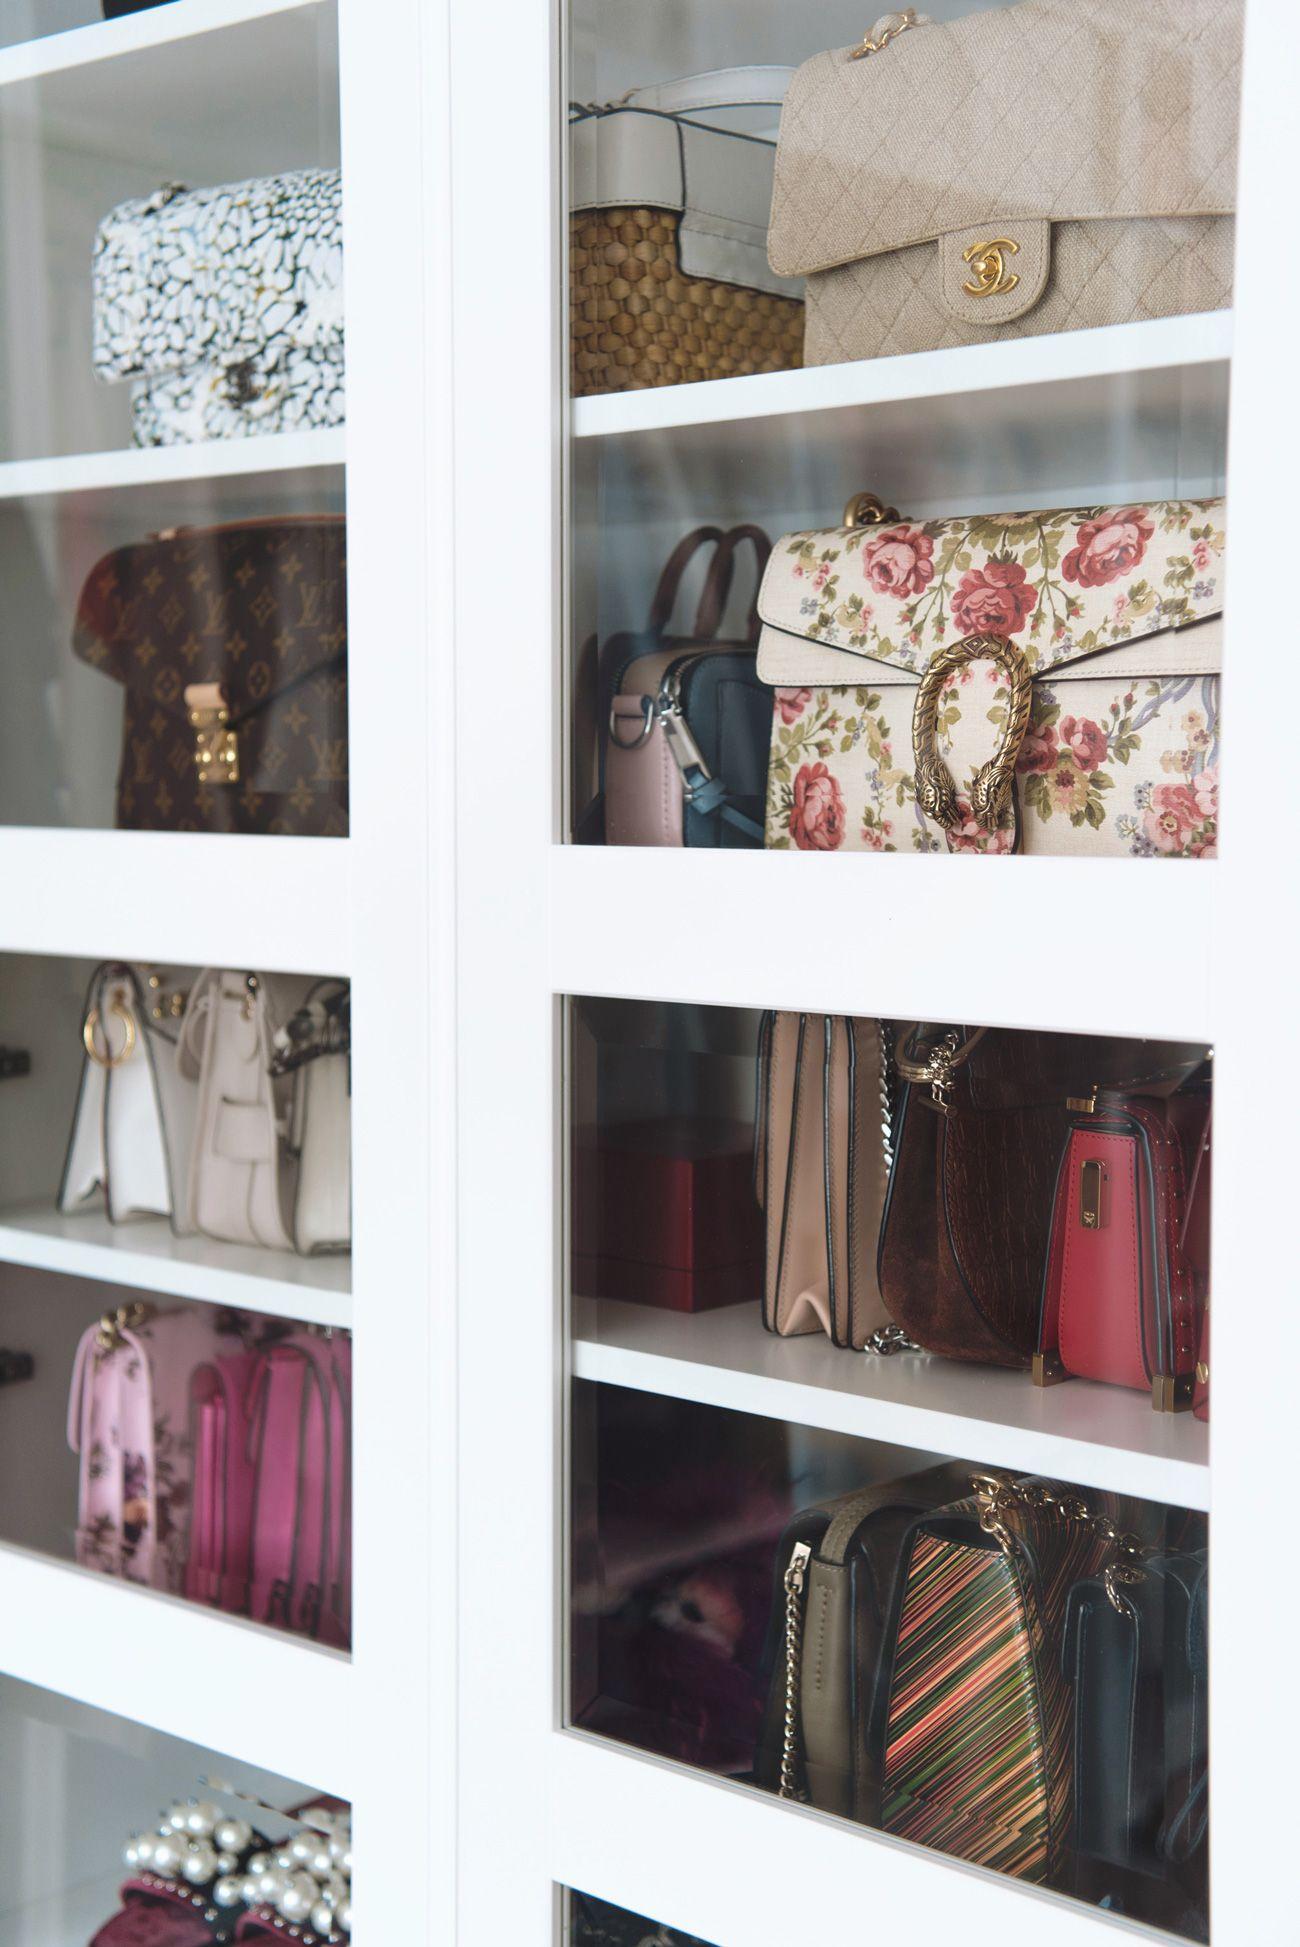 office closet storage. Bag Closet, Dressing Room Closet Storage, Organization, Rooms, Office, Organisation, Open Closets, Rooms Office Storage